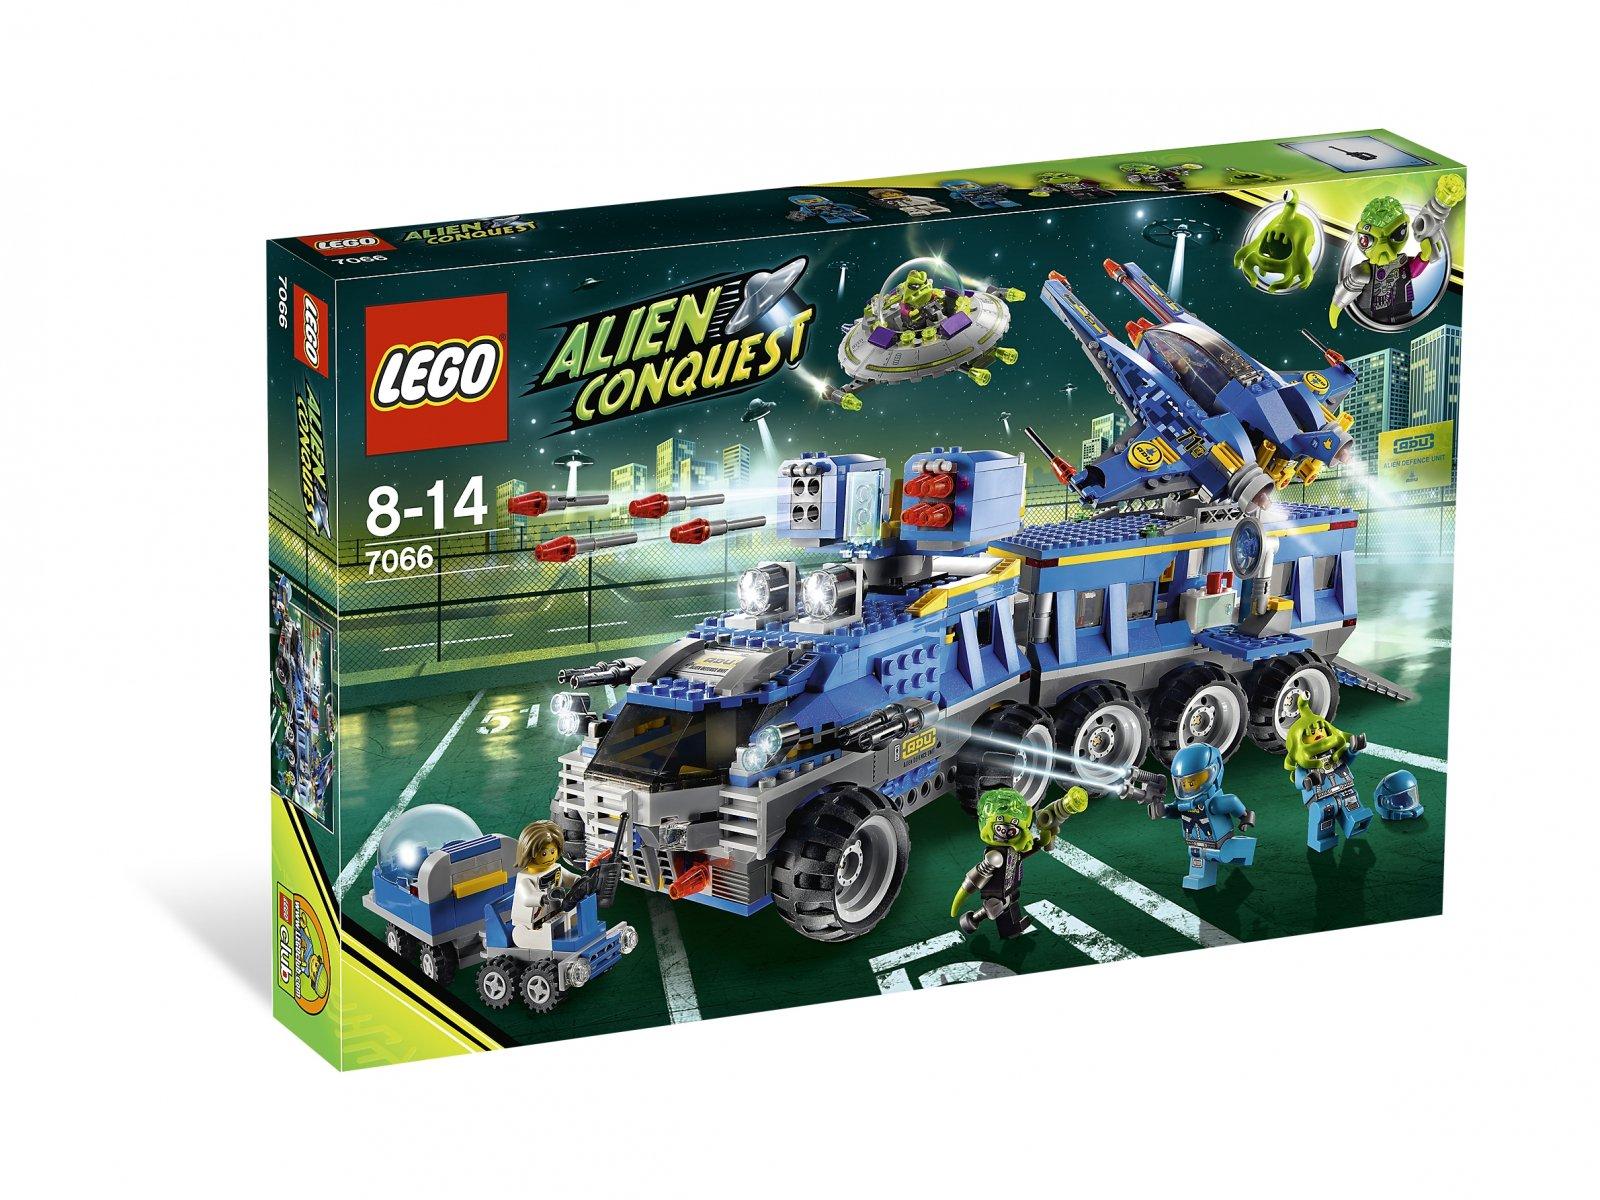 LEGO 7066 Alien Conquest Earth Defense HQ